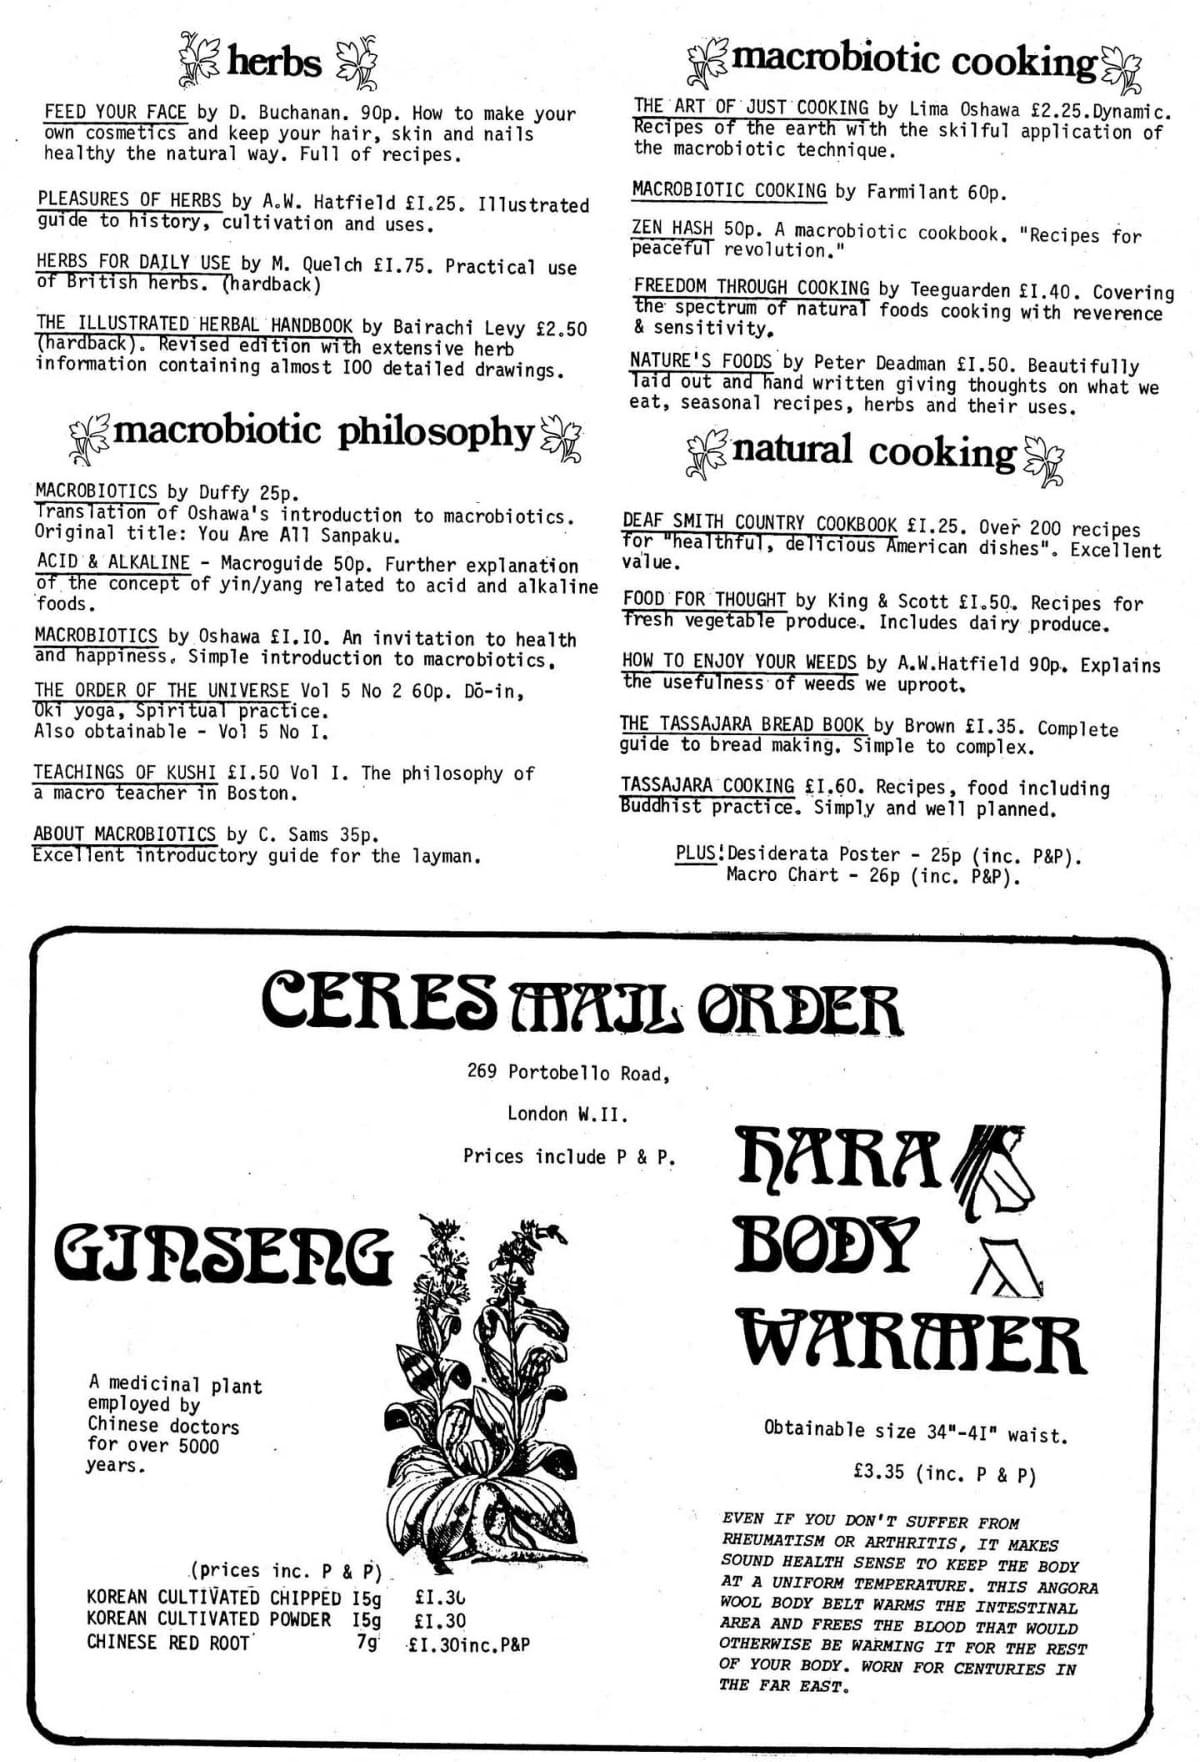 seed-v4-n2-feb1975-28.jpg